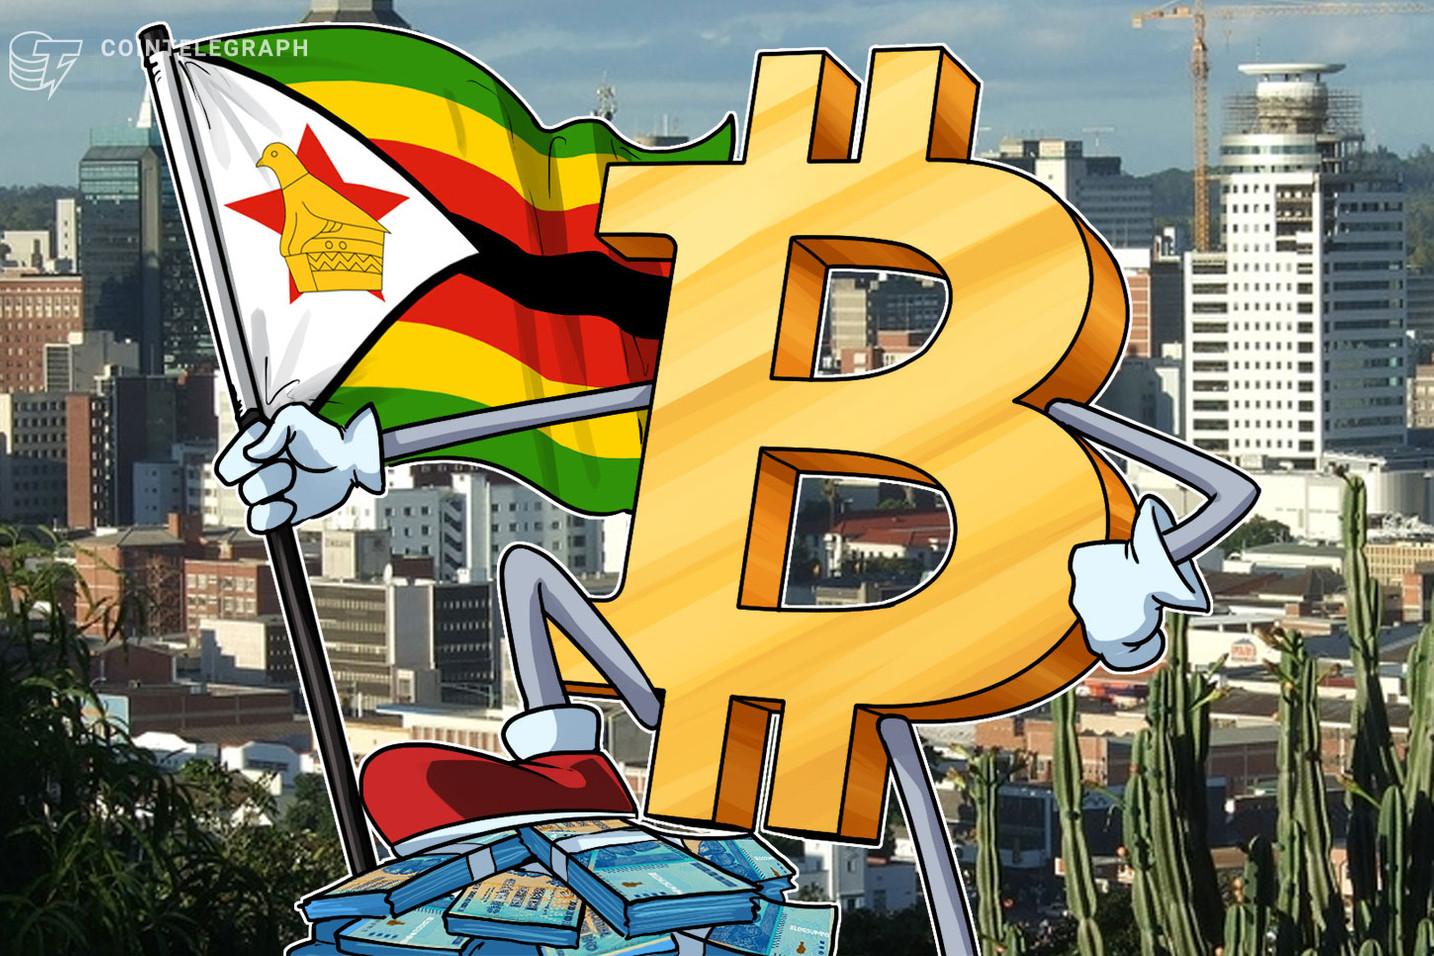 Tretirajte bitkoin kao Švajcarska, rekao je ministar finansija centralnoj banci Zimbabvea